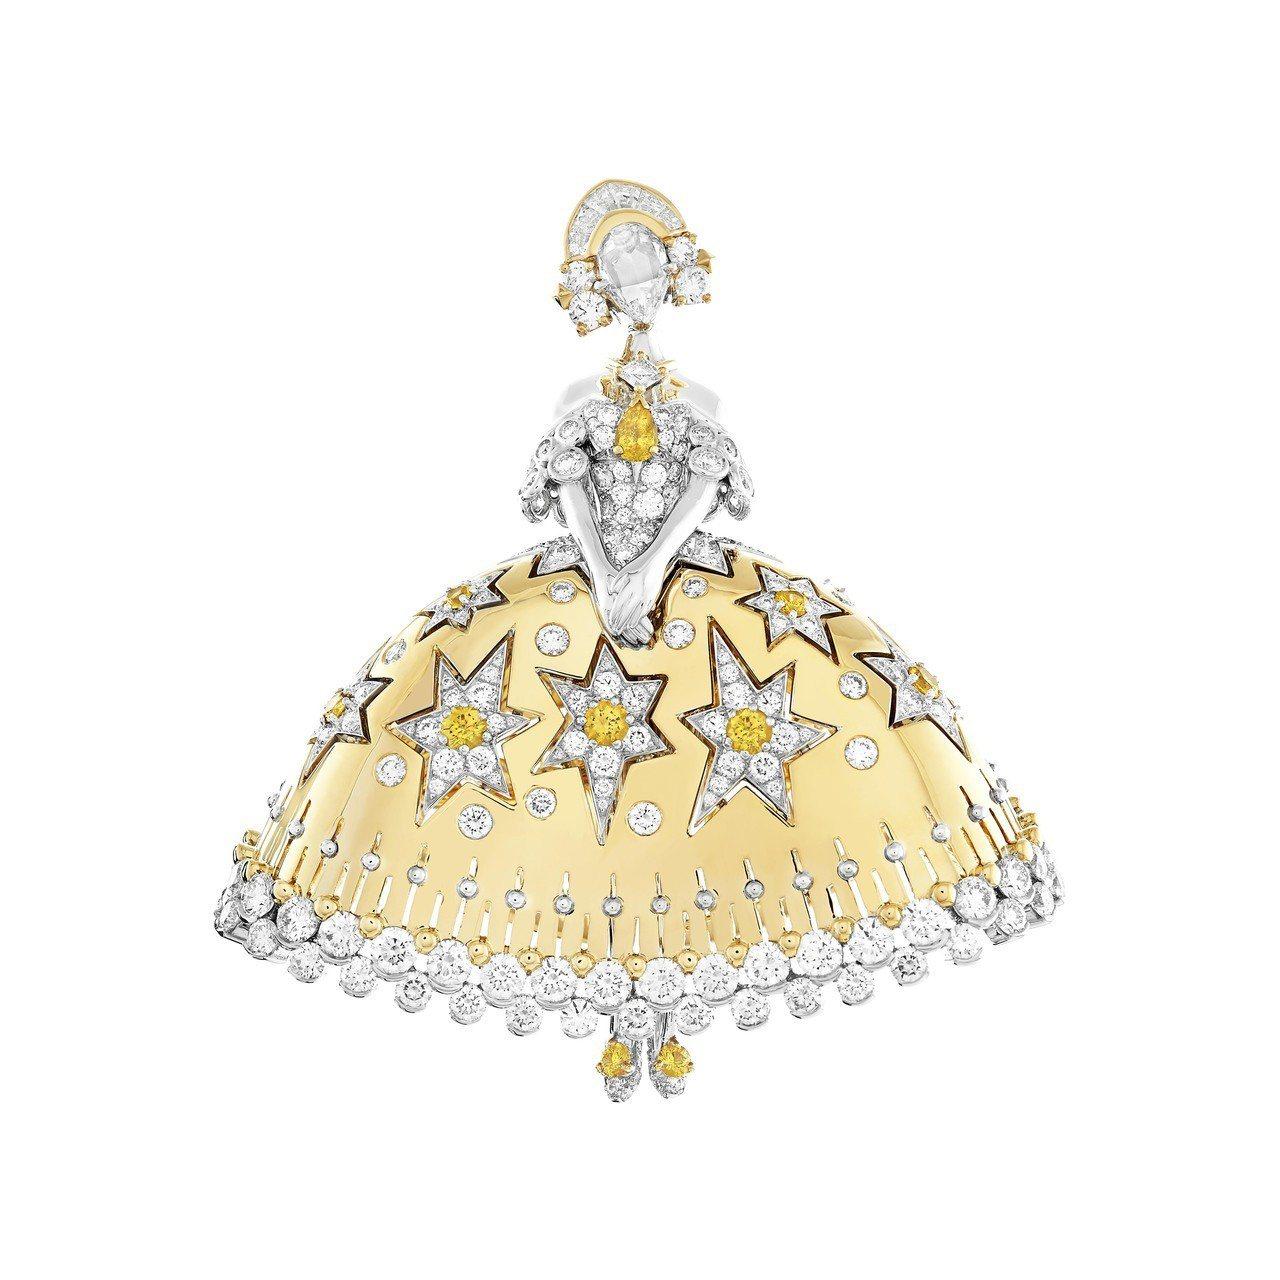 梵克雅寶今年全新發表的格林童話高級珠寶中的「12位跳舞的公主」,延續了1940年...